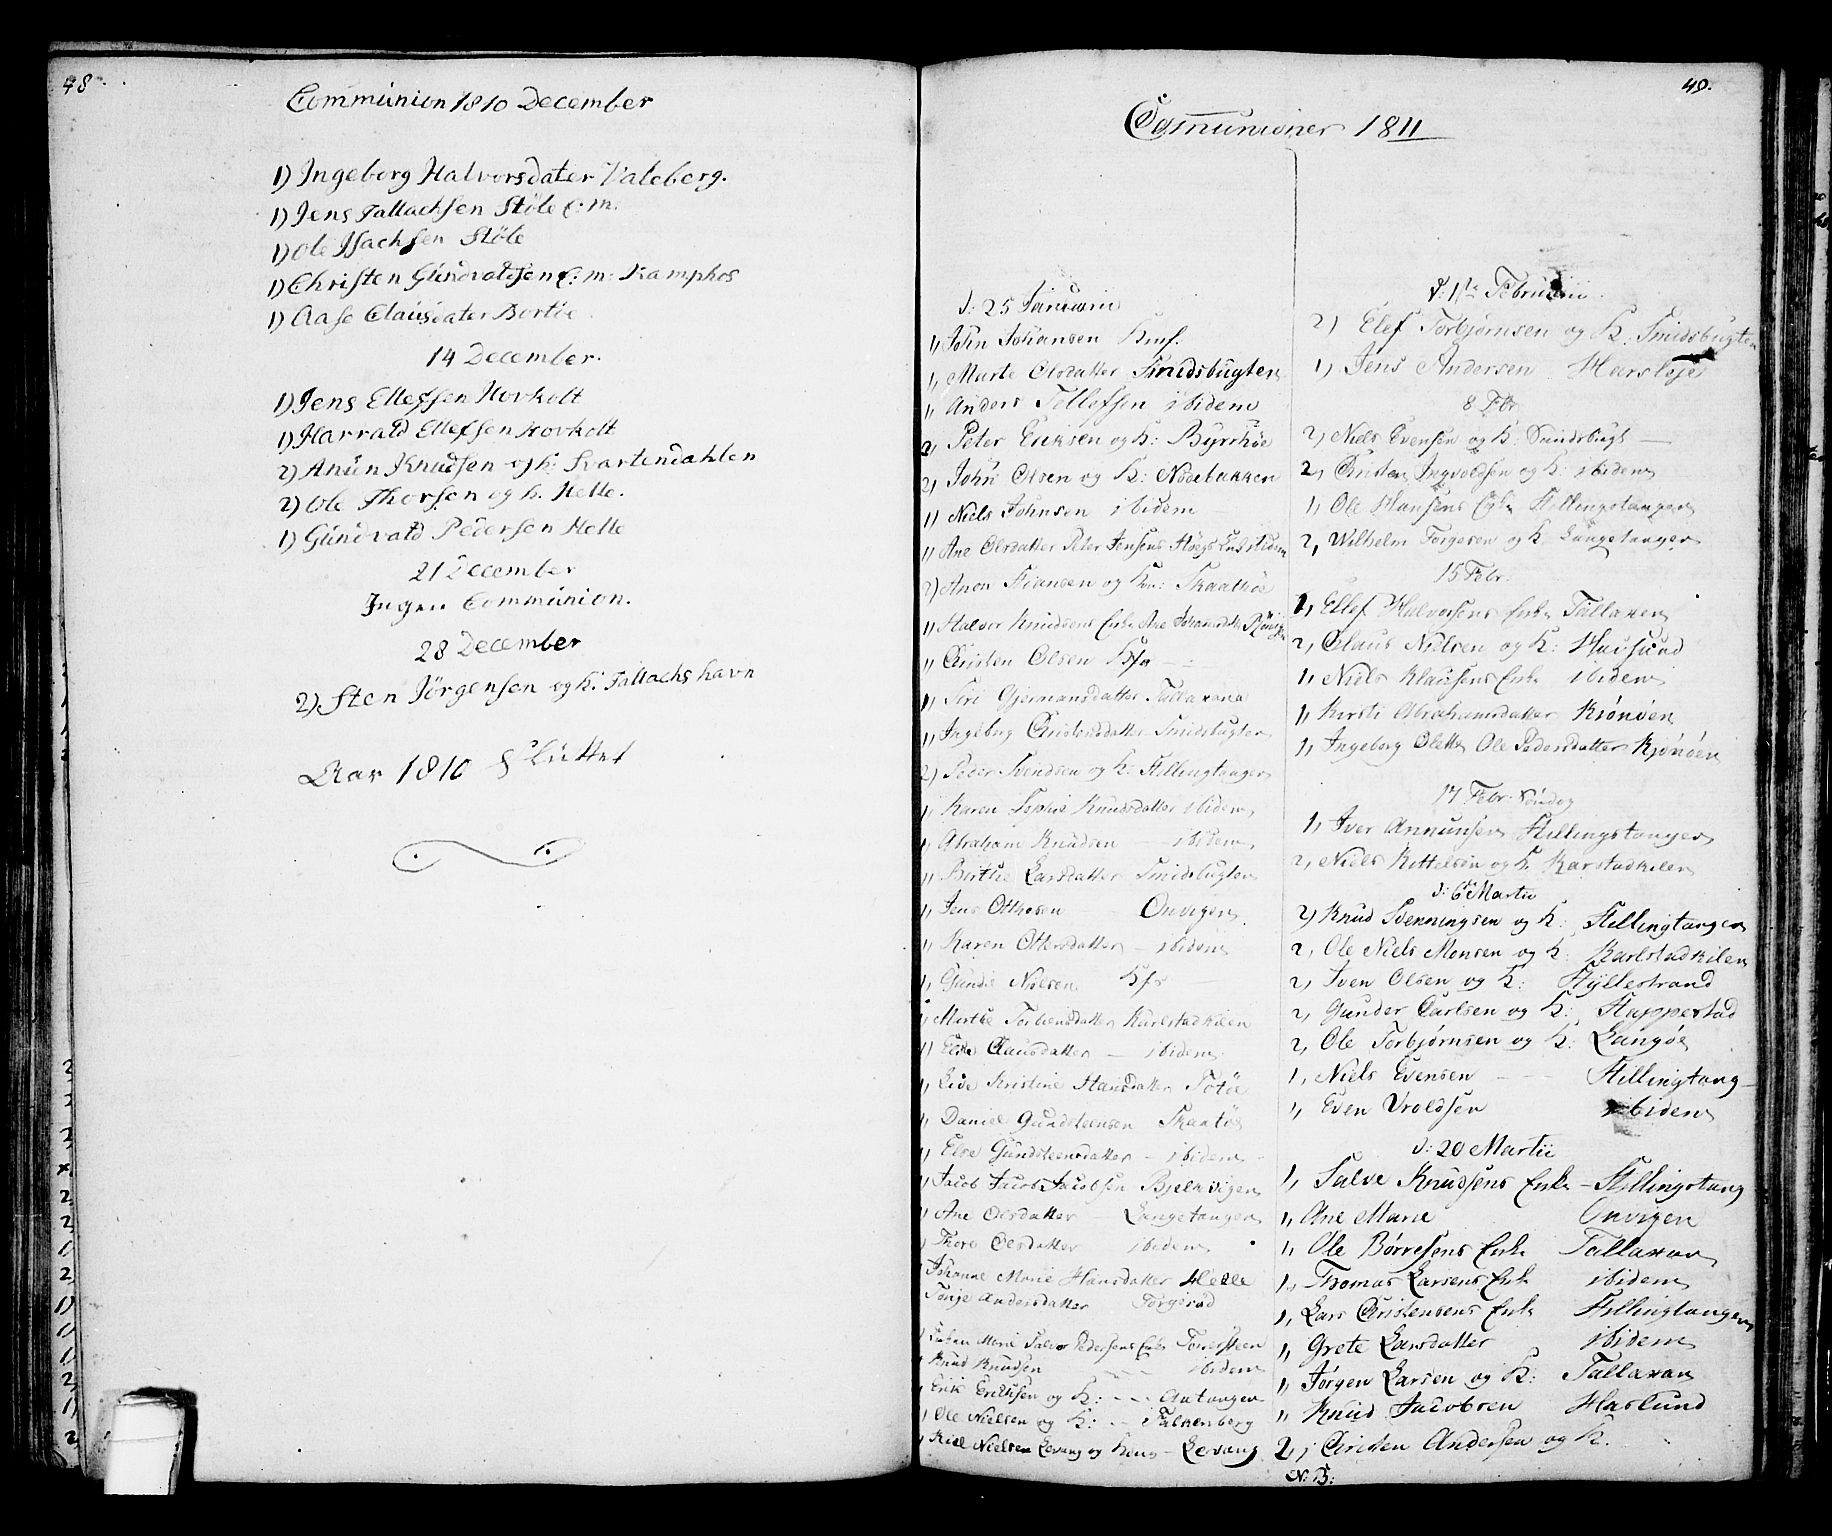 SAKO, Kragerø kirkebøker, G/Ga/L0001: Klokkerbok nr. 1 /2, 1806-1811, s. 48-49